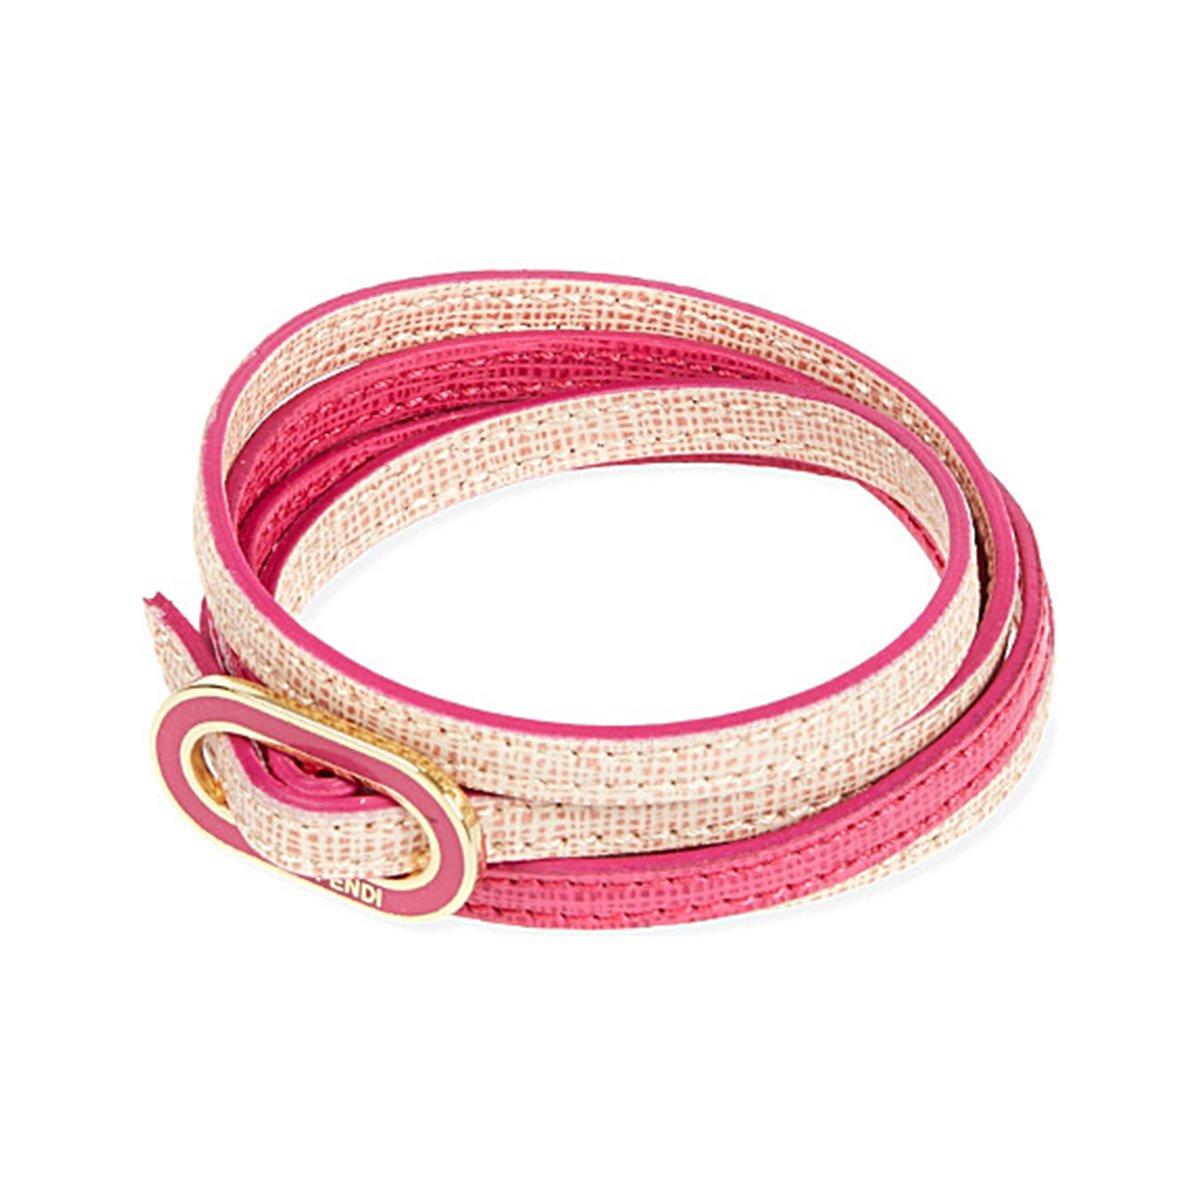 Fendi ''Crayons'' Leather Bangle Bracelet Pink Leather 8AG313